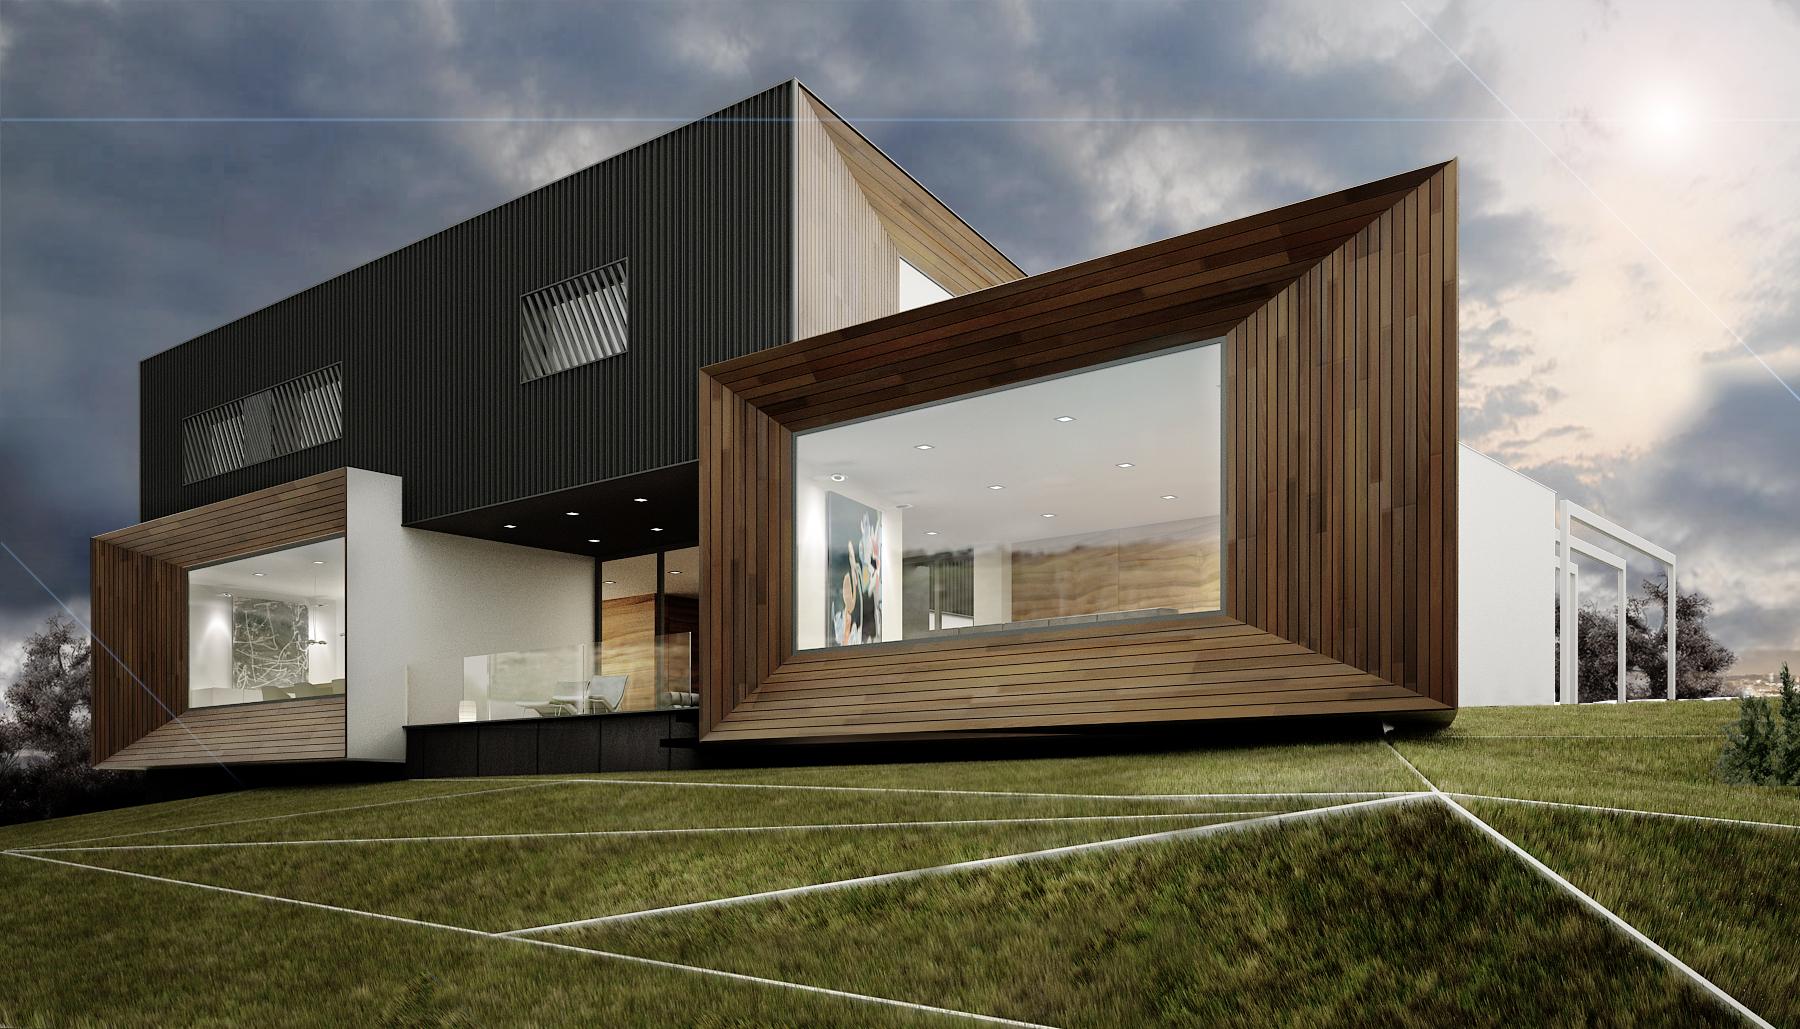 Lumar – inteligentna arhitektura, povezana z energetsko učinkovitostjo